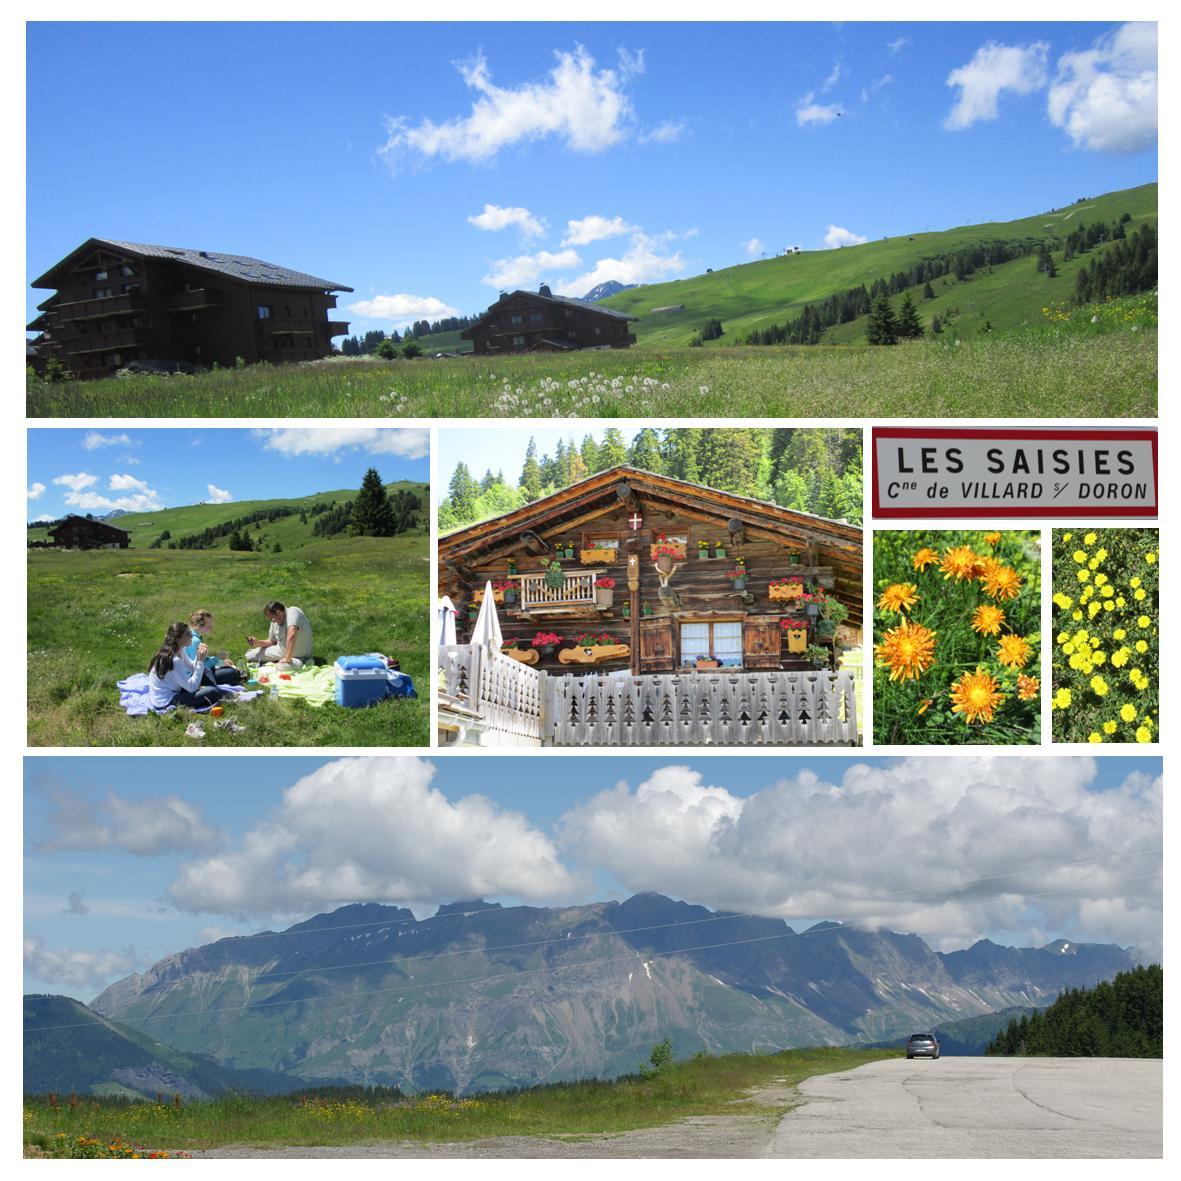 Piknik på bilferie i franske alper